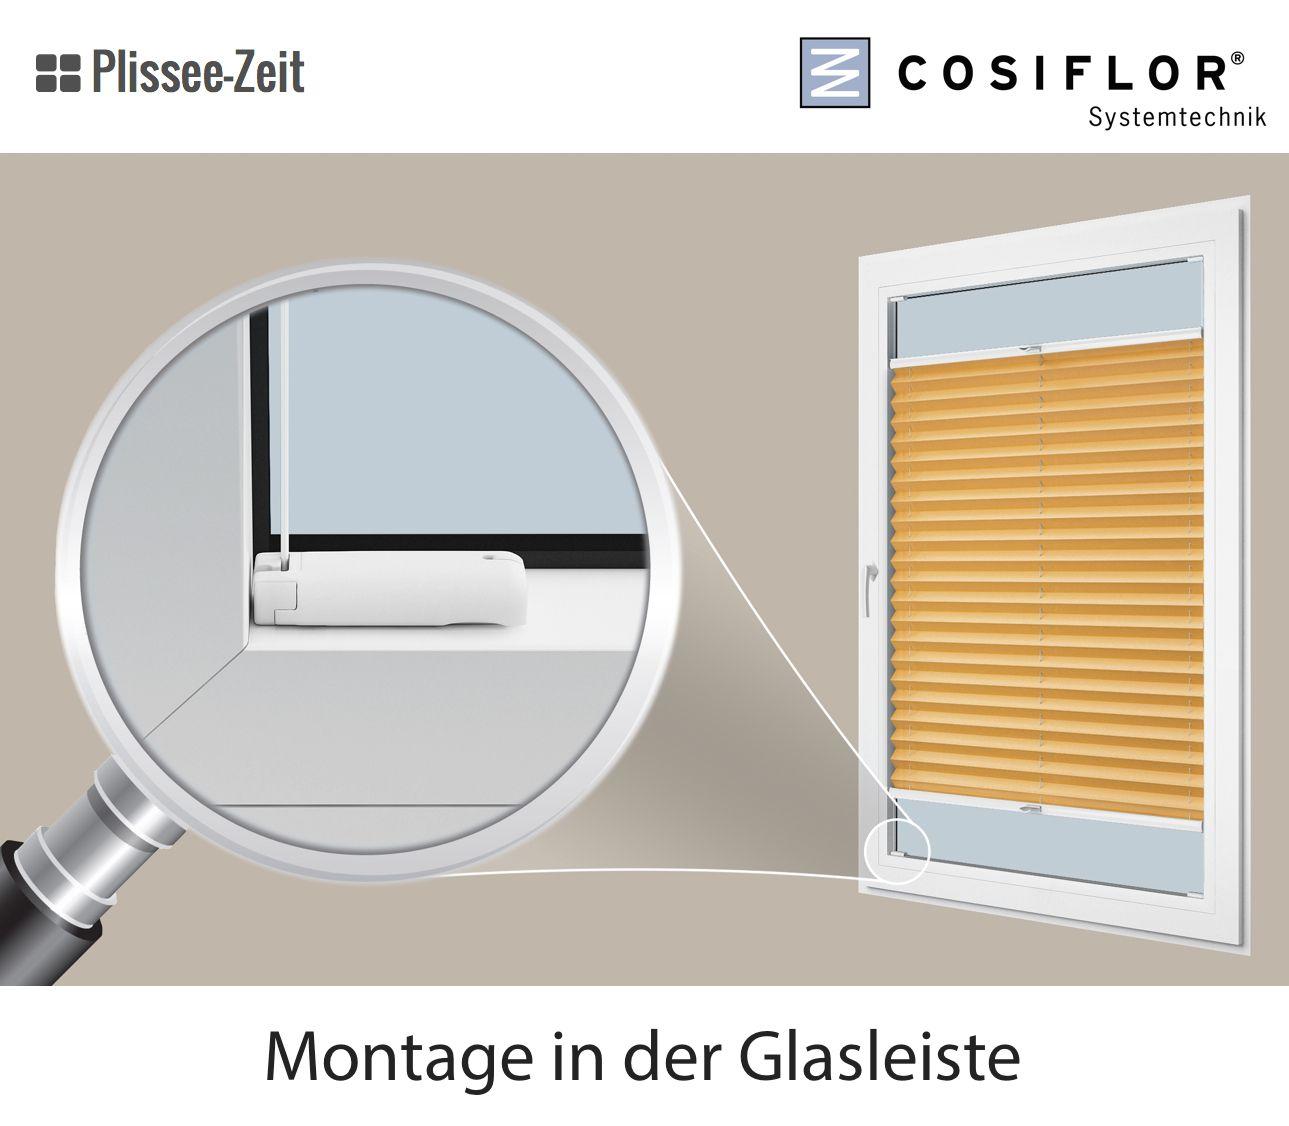 plissee fr schmale glasleiste gallery of montage des plissees in der glasleiste with plissee fr. Black Bedroom Furniture Sets. Home Design Ideas